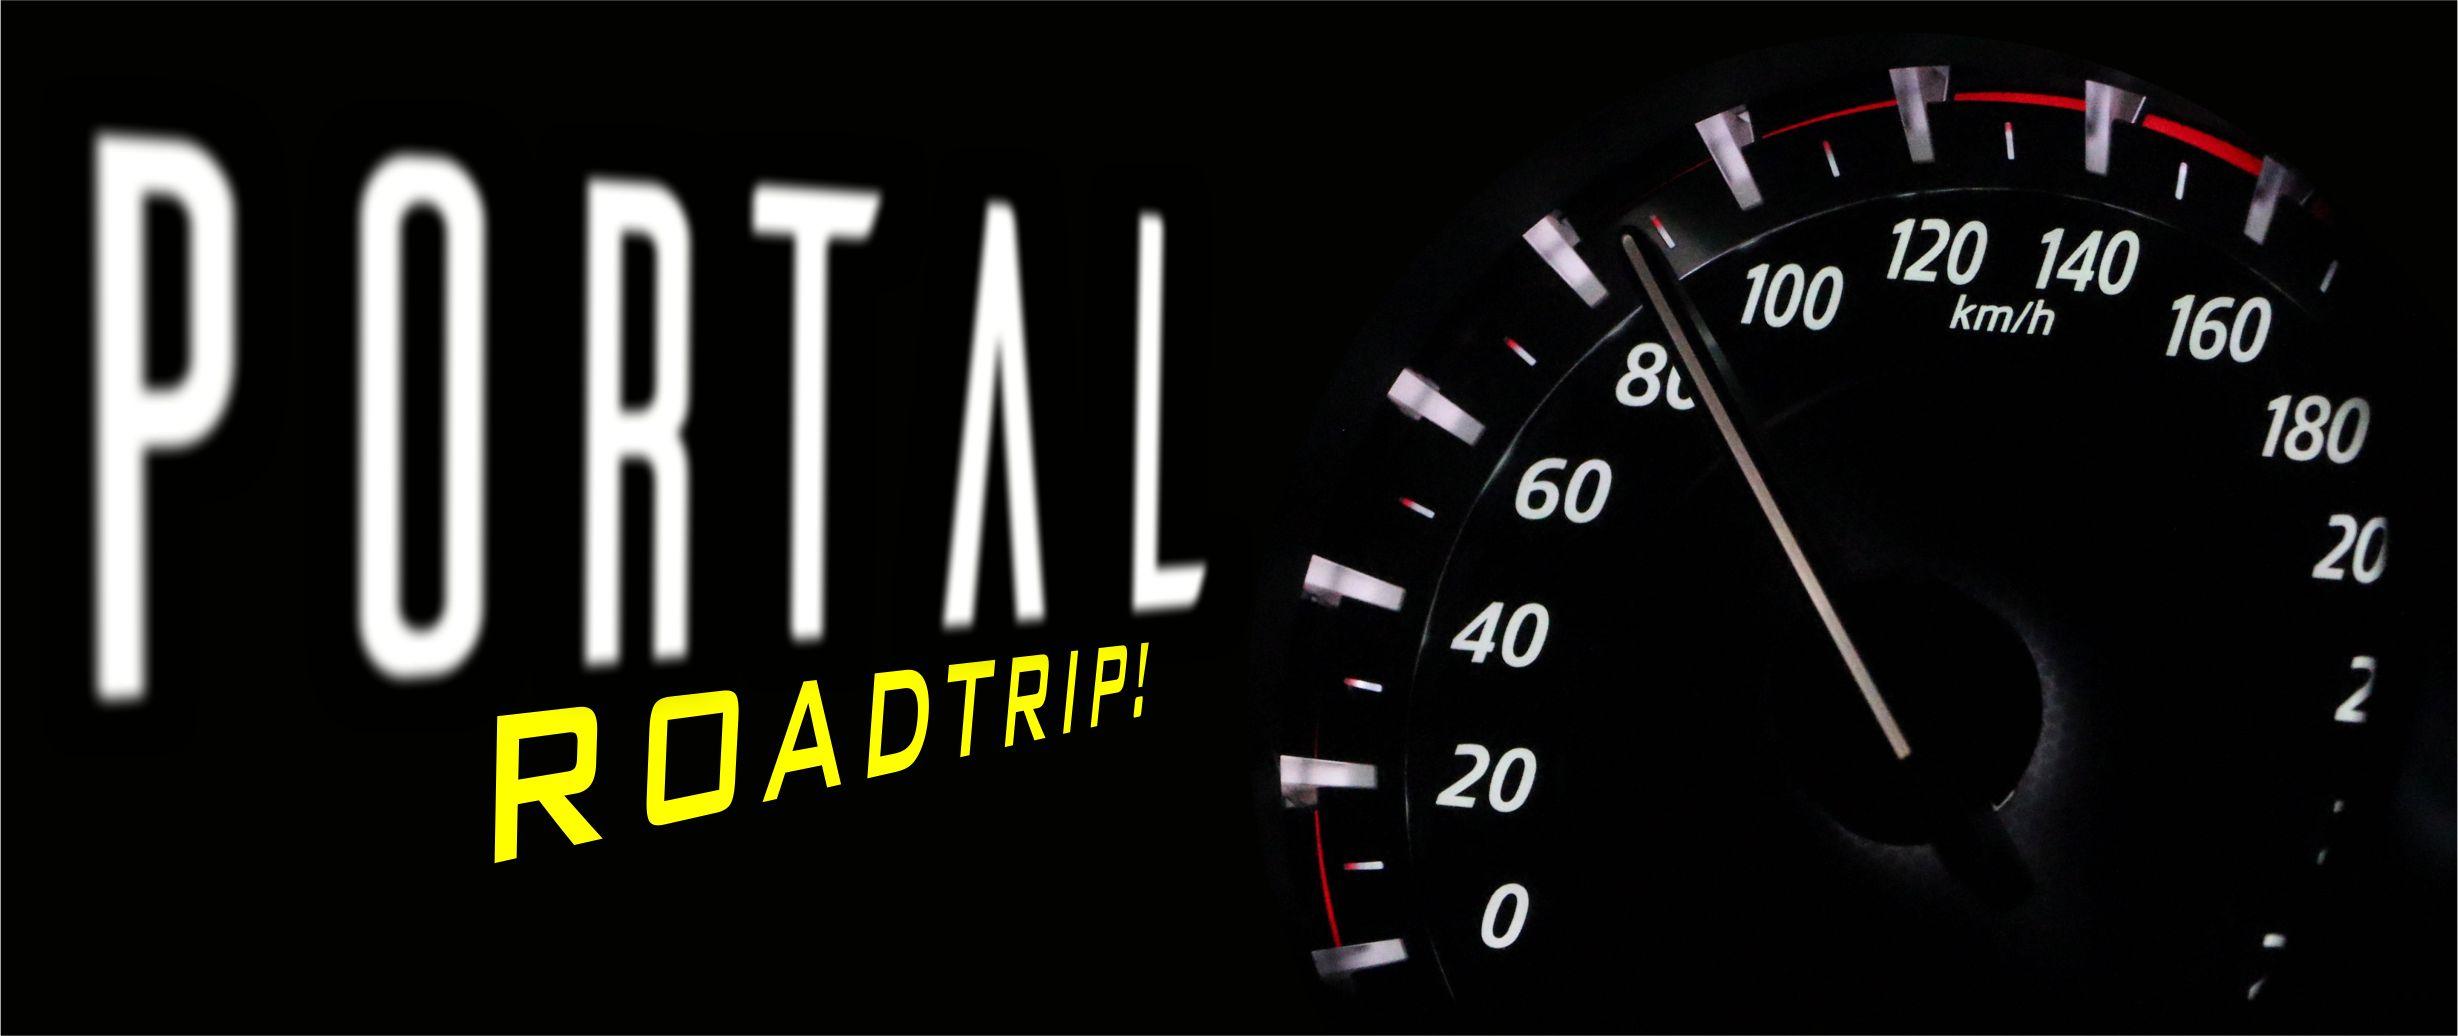 Portal 2_ Road Trip